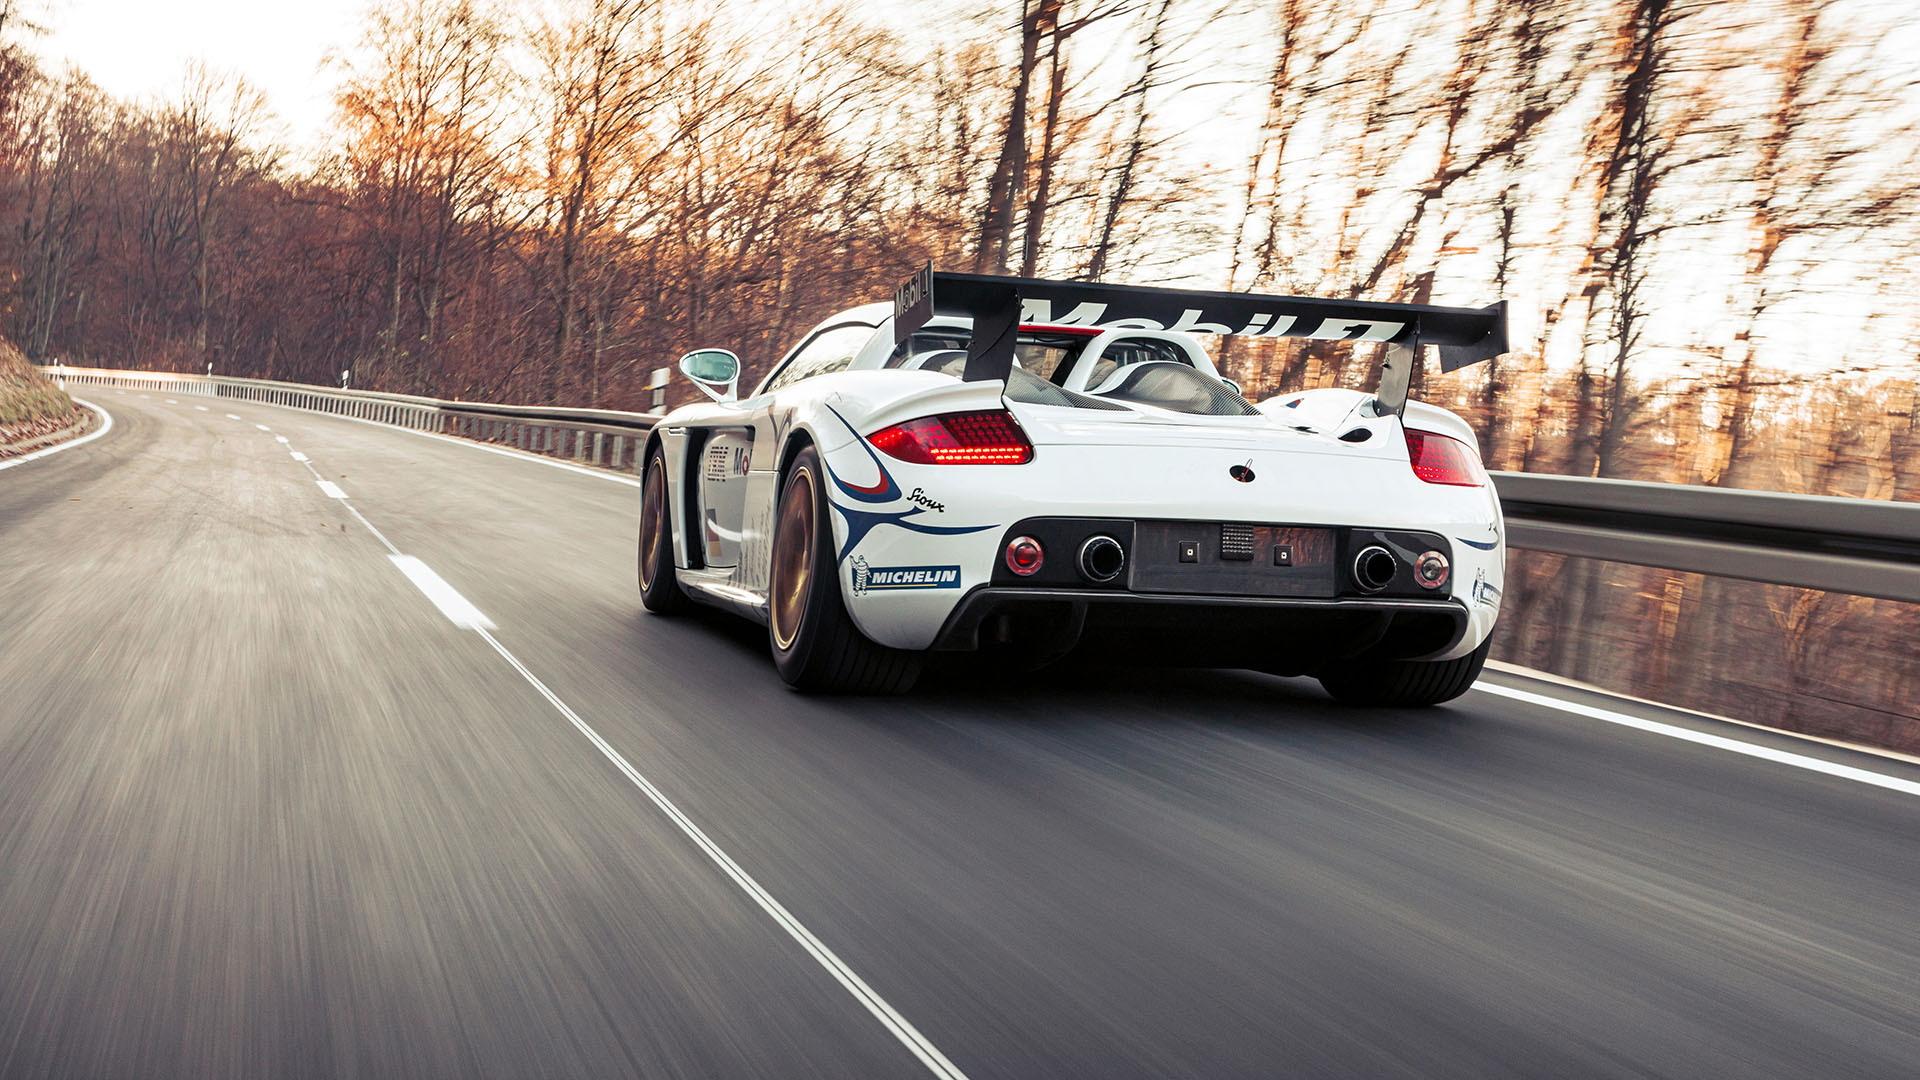 Porsche Carrera GT-R by GPR Racing